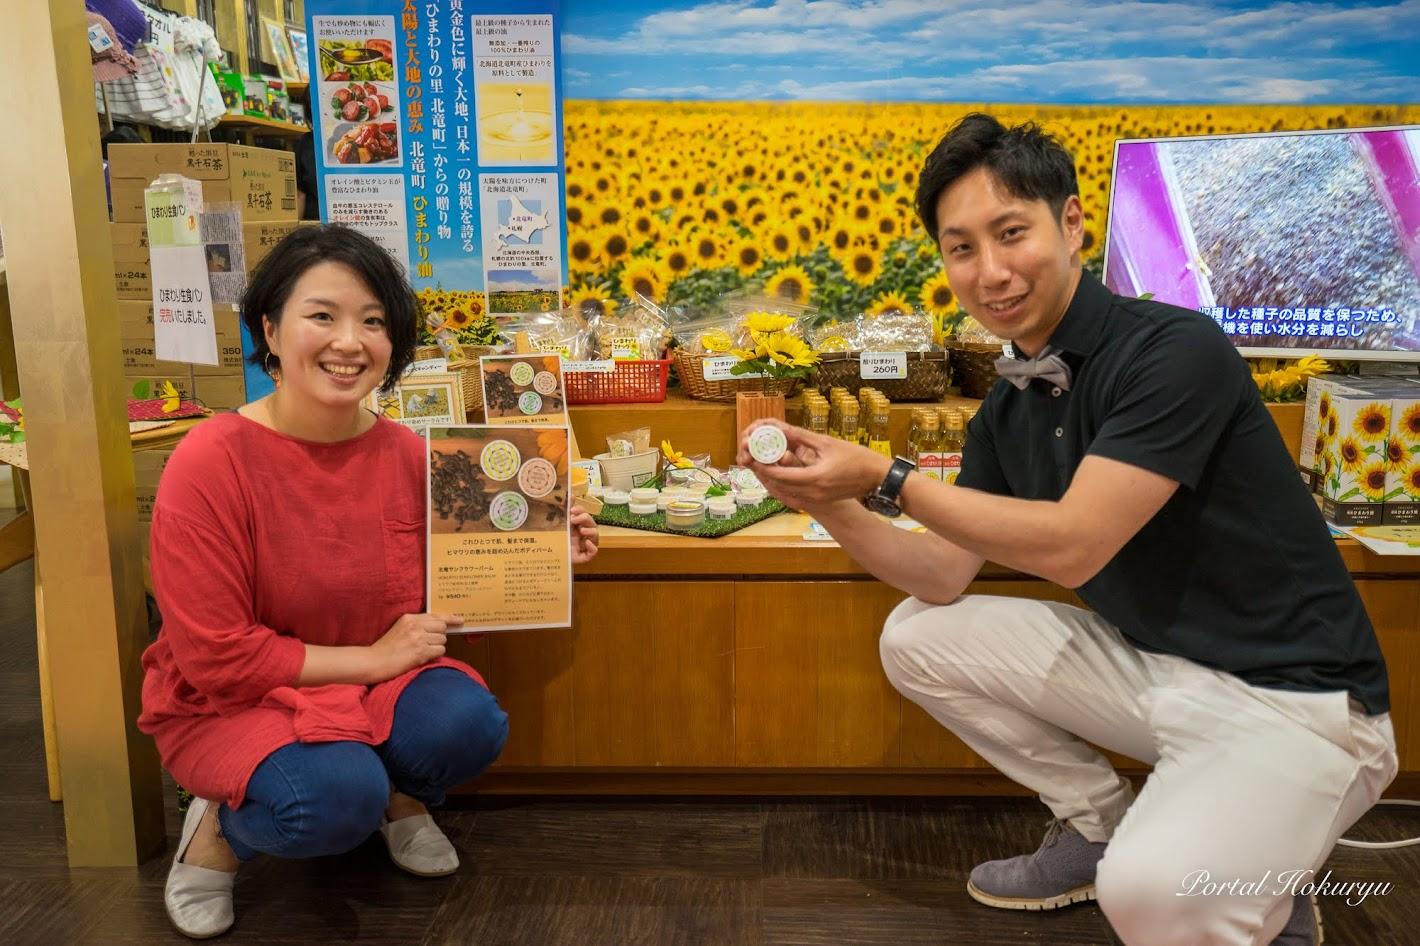 (株)マーヴェラス・志水洸一 代表取締役社長(右)、コスメ事業部・安食めぐみさん(左)